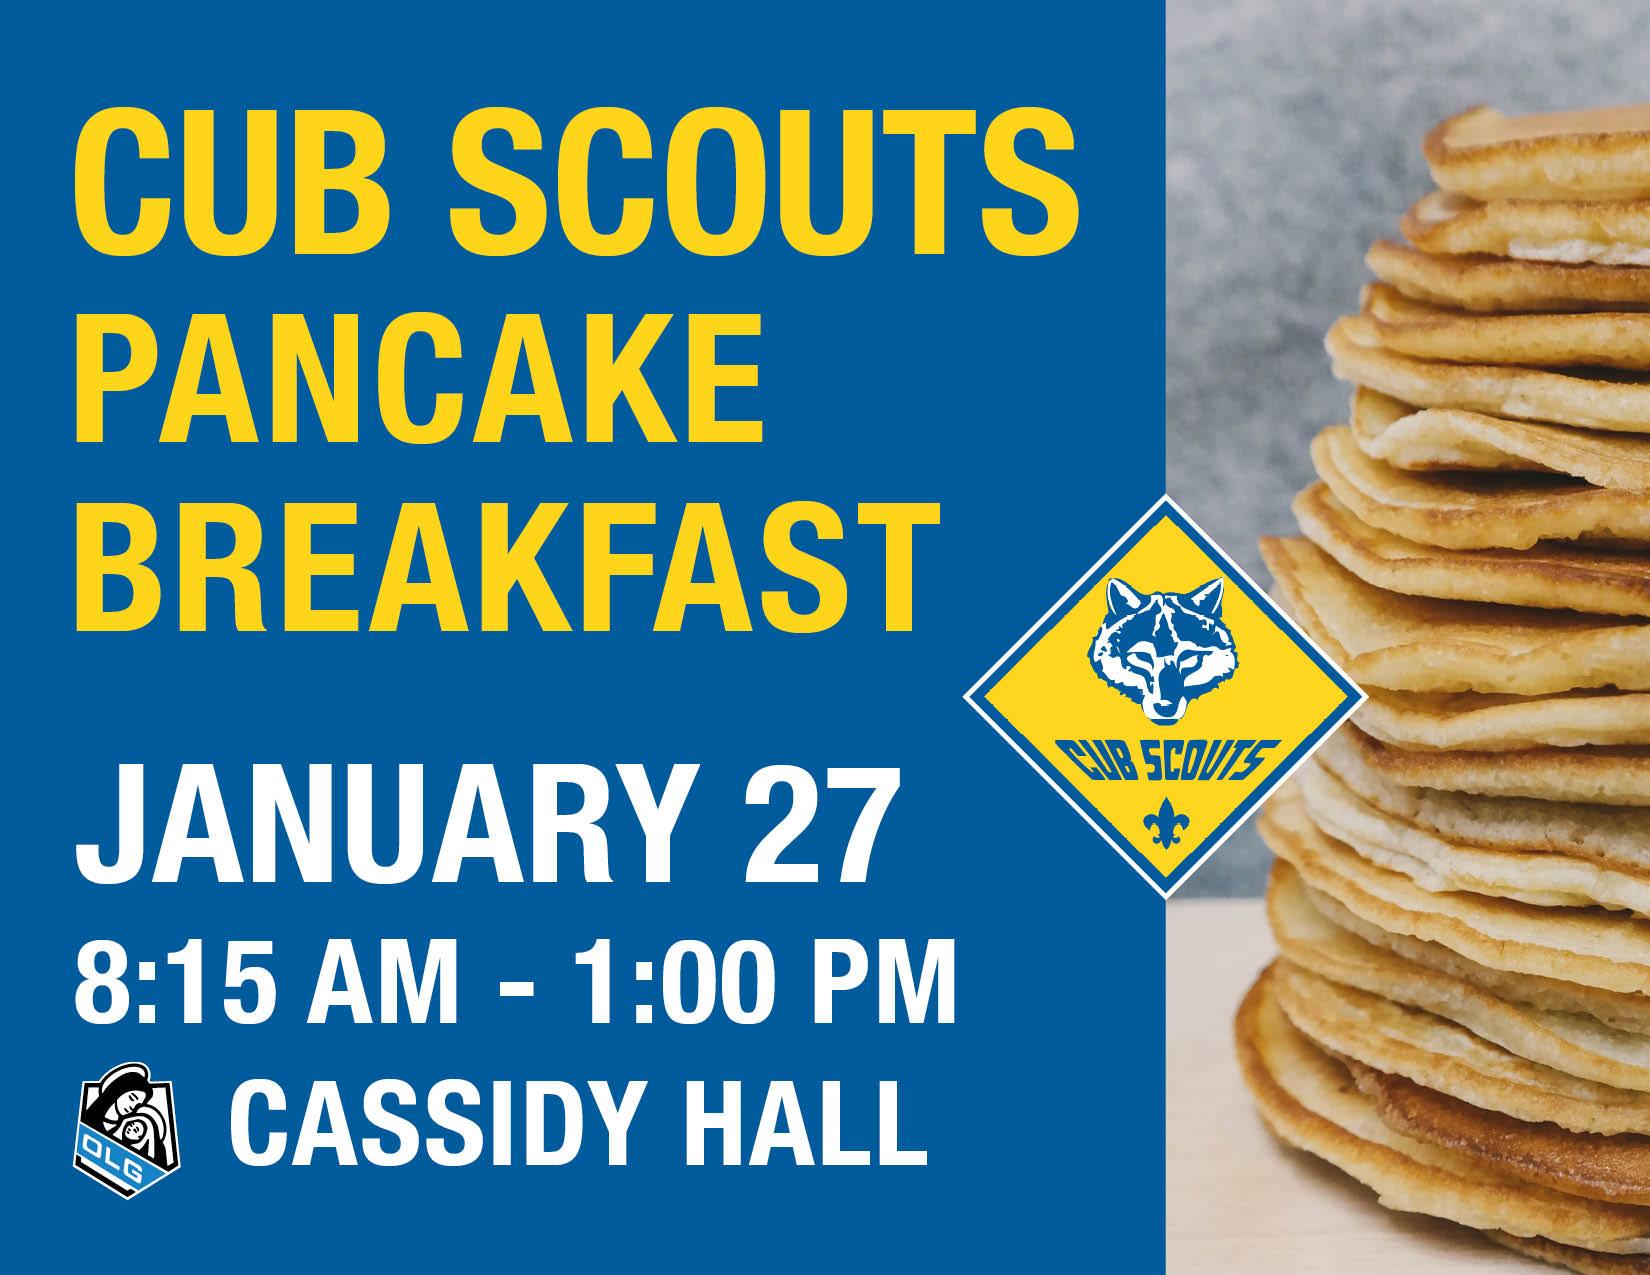 Cub Scouts Pancake Breakfast 2019.jpg